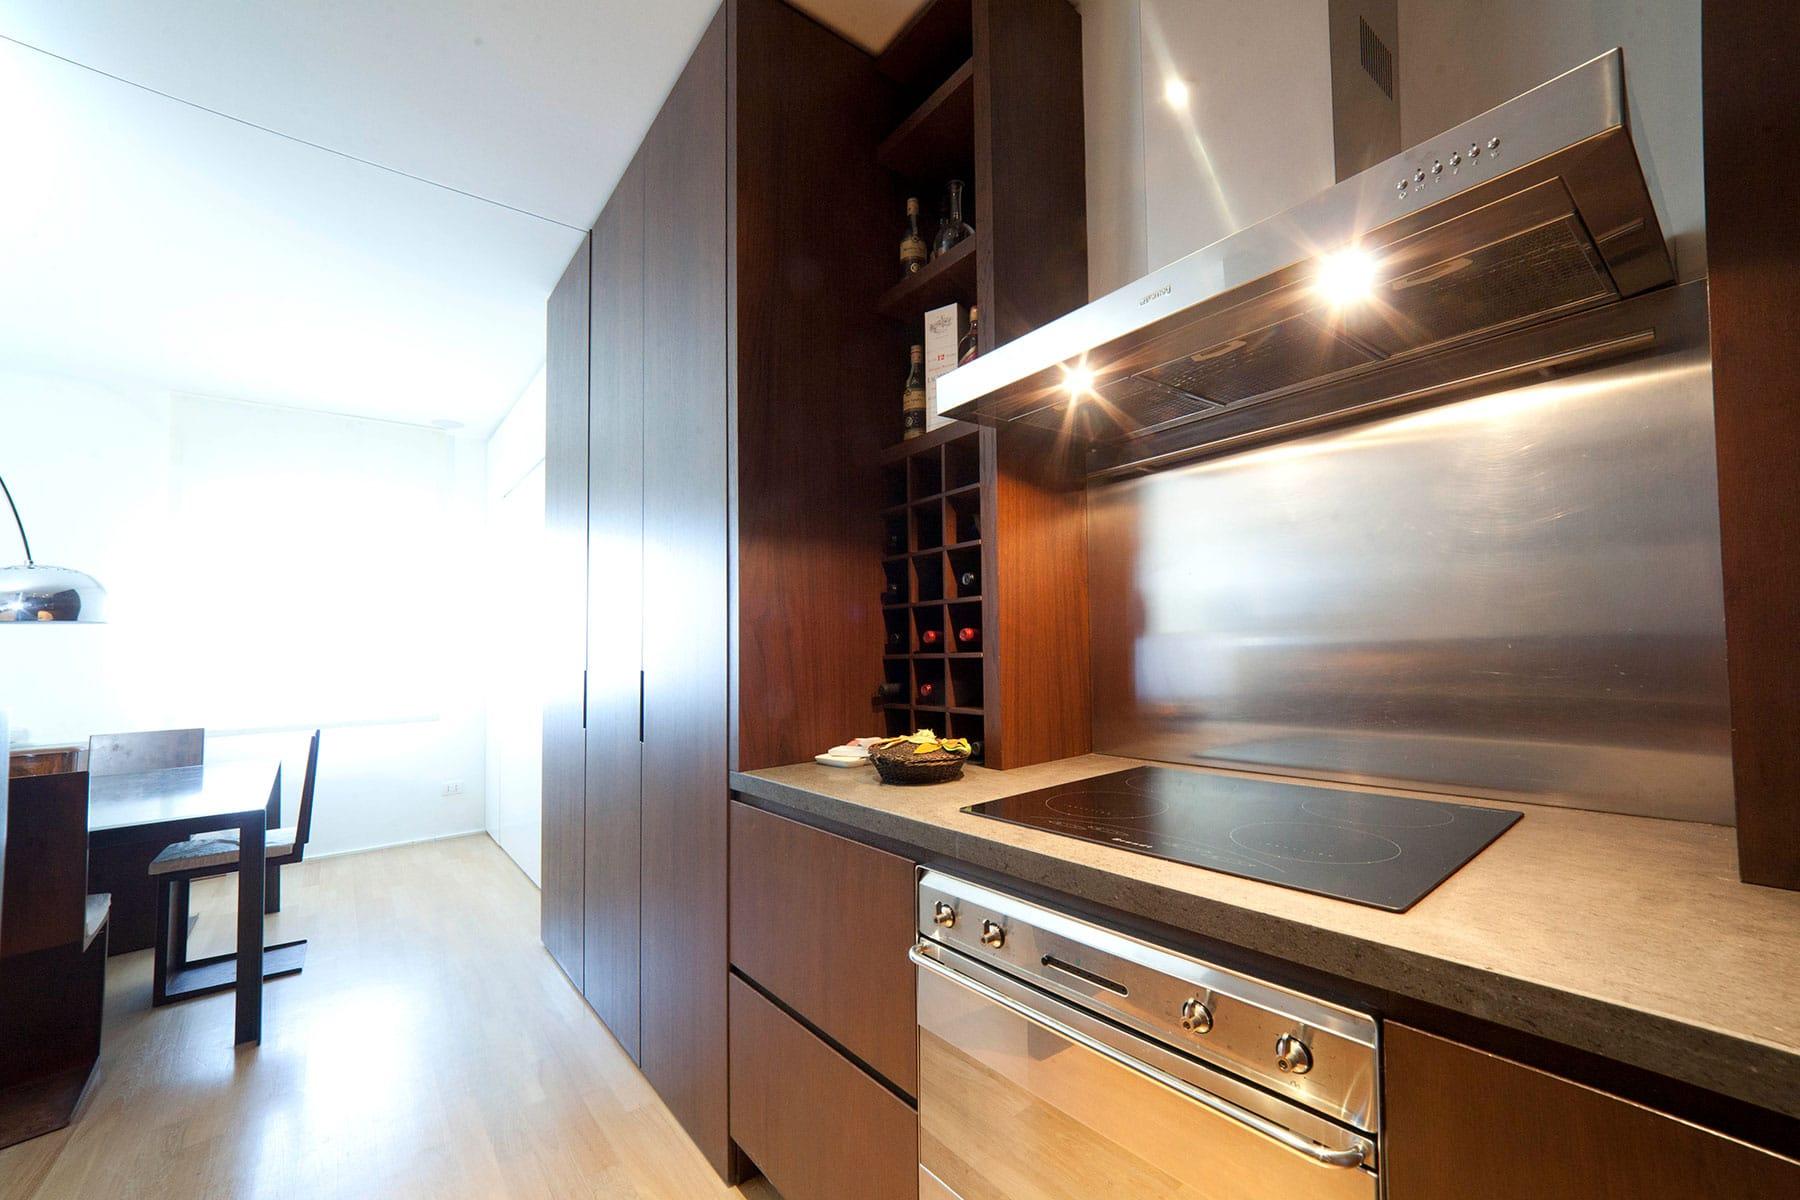 Cucina con piani in pietra lavica - Falegnameria Caponi